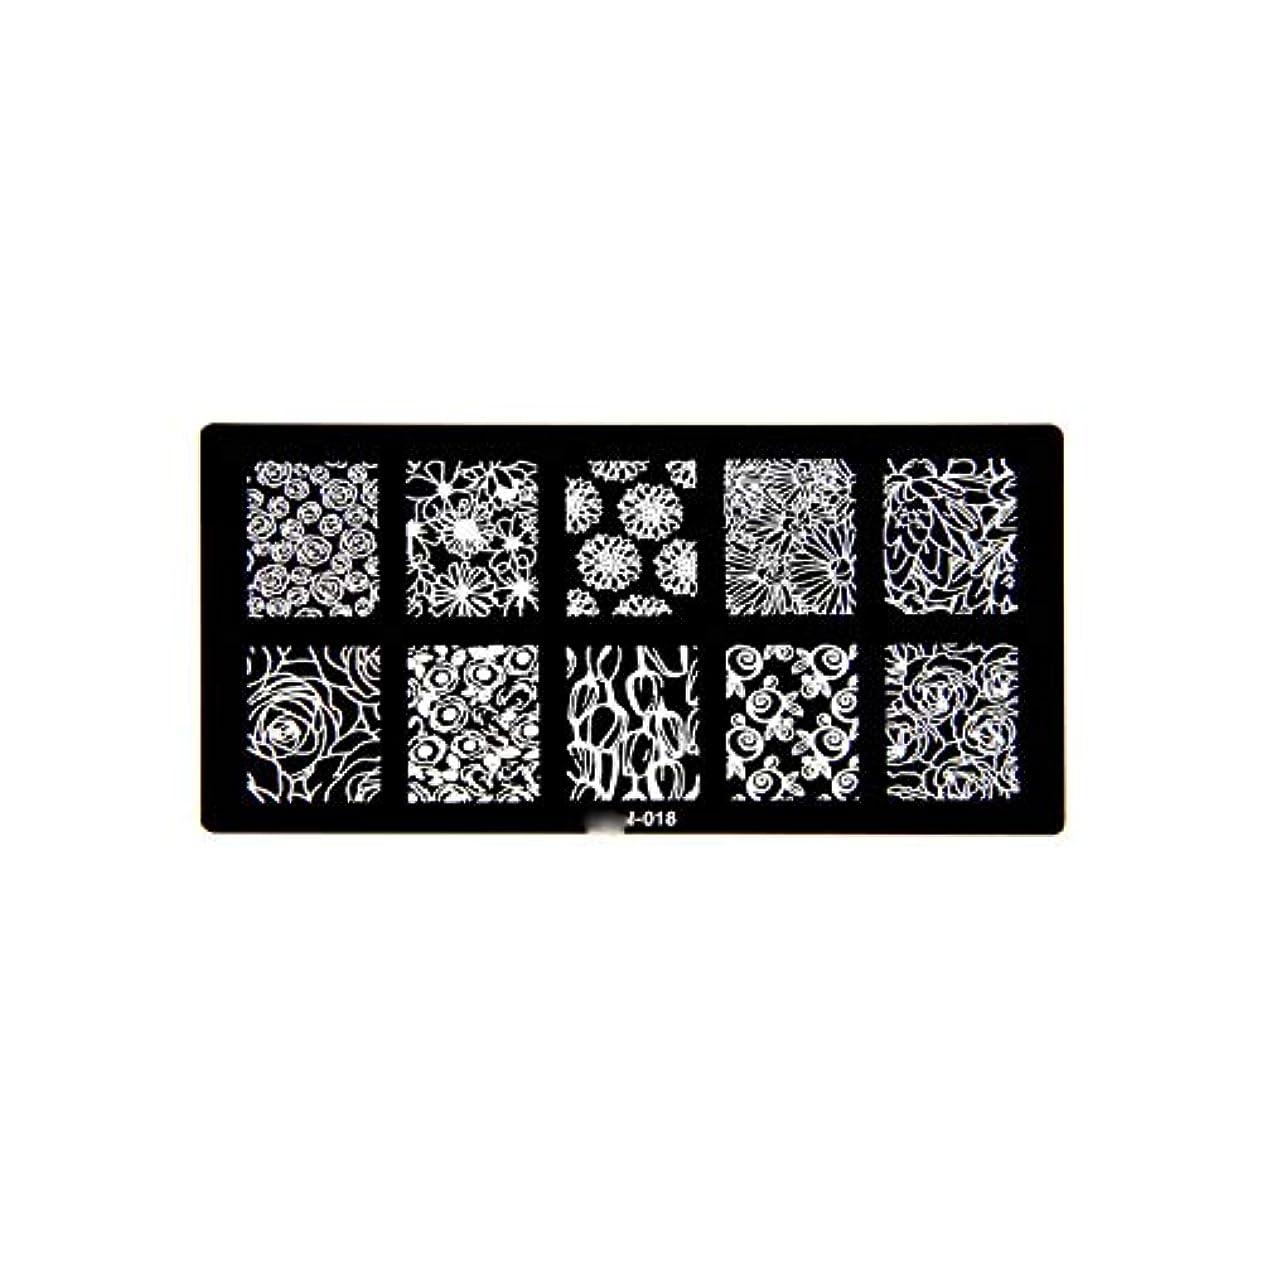 誰でも祈りビーズ1ピース6 * 12センチbcnシリーズネイルスタンピングプレート画像ネイルステンシル用ネイルアートスタンプマニキュアテンプレートツール,BCN018